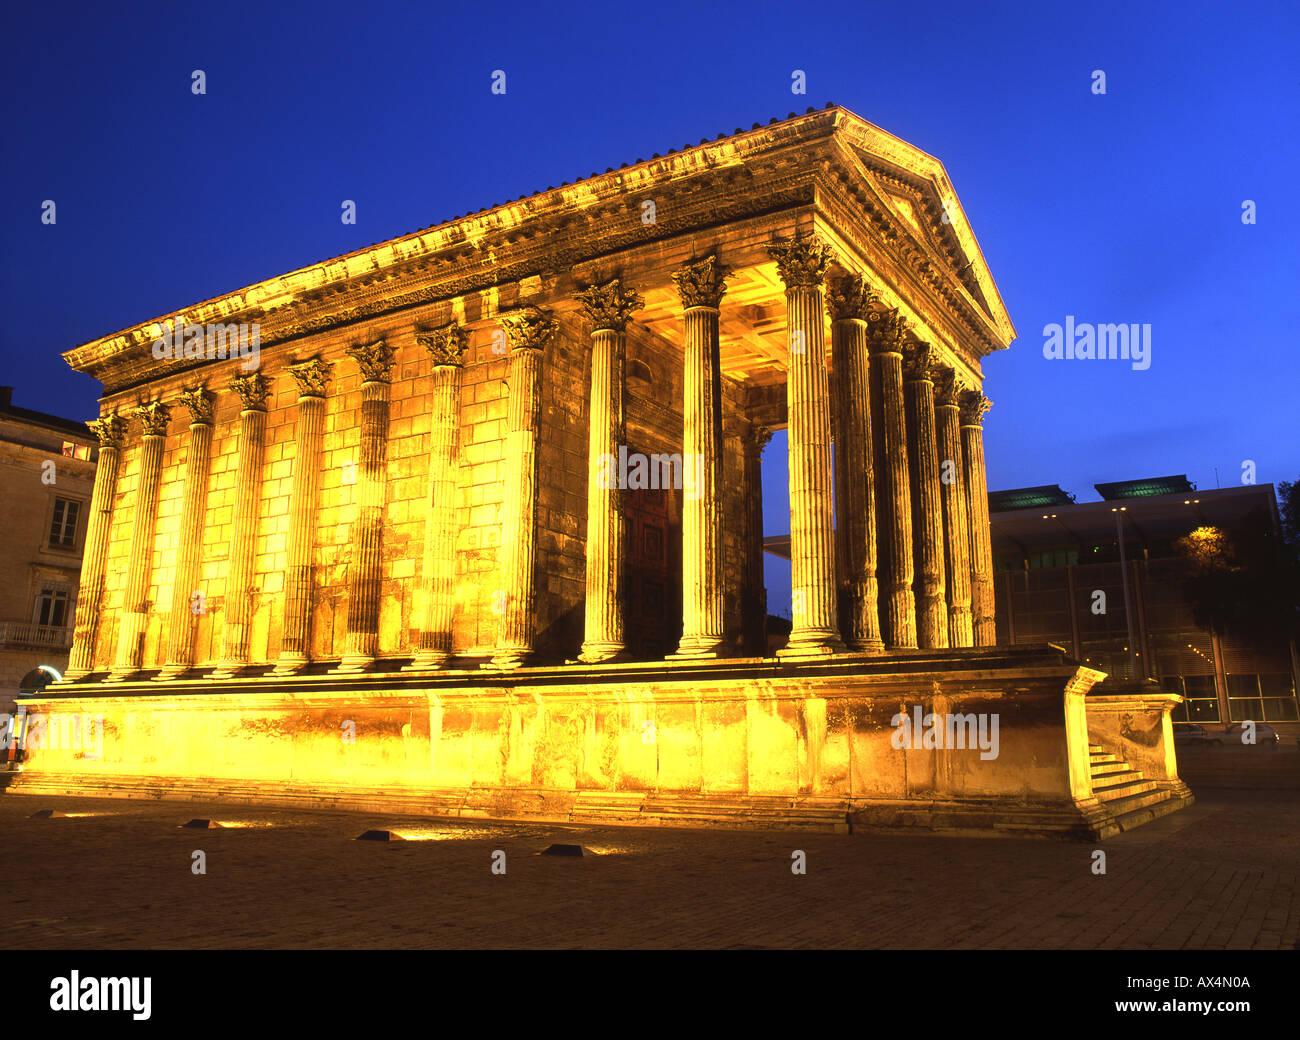 Maison Carrée des 2. Jahrhunderts n. Chr. römische Tempel bei Nacht Carrée d ' Art Museum von Norman Foster Nimes Languedoc & Rousillon France Stockbild